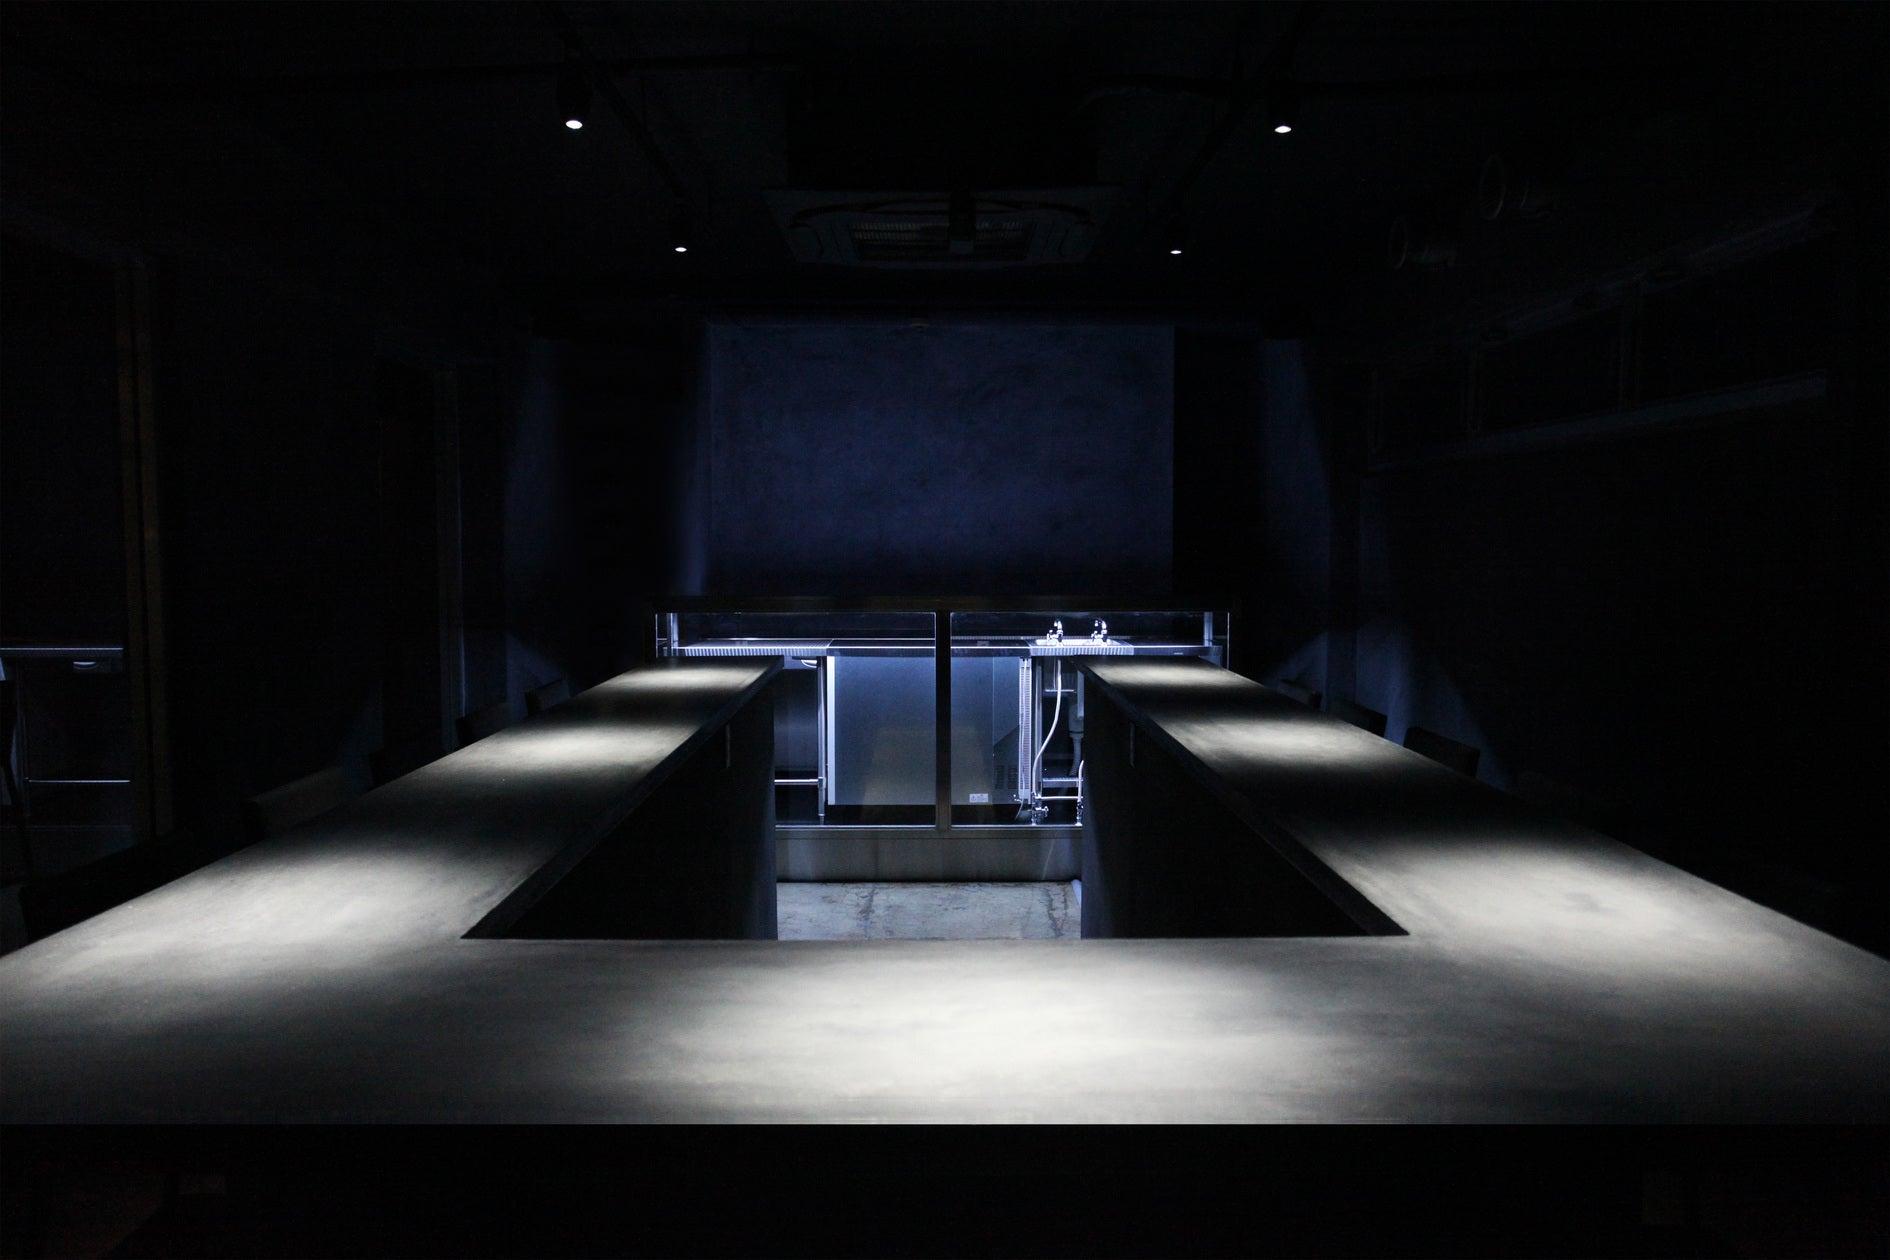 キッチン付きレンタルスペース(Bar The Standard【スタイリッシュなキッチン付きレンタルスペース】) の写真0